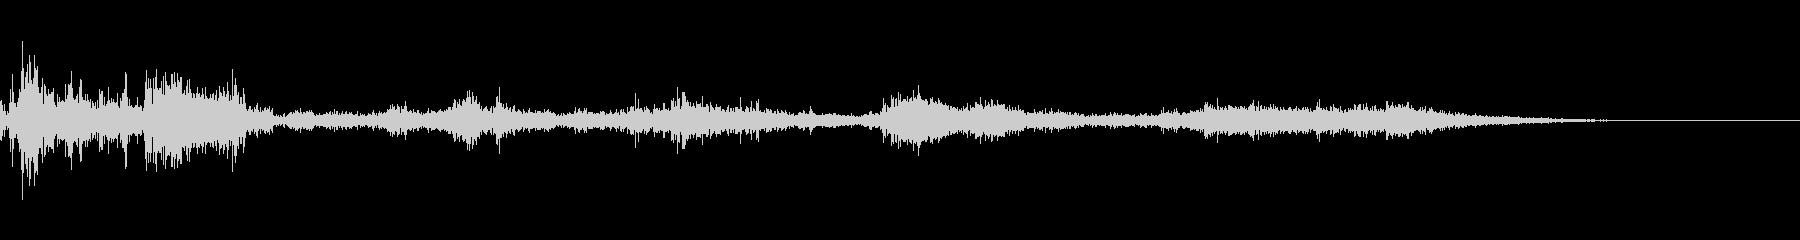 カミナリ(遠雷)-27の未再生の波形